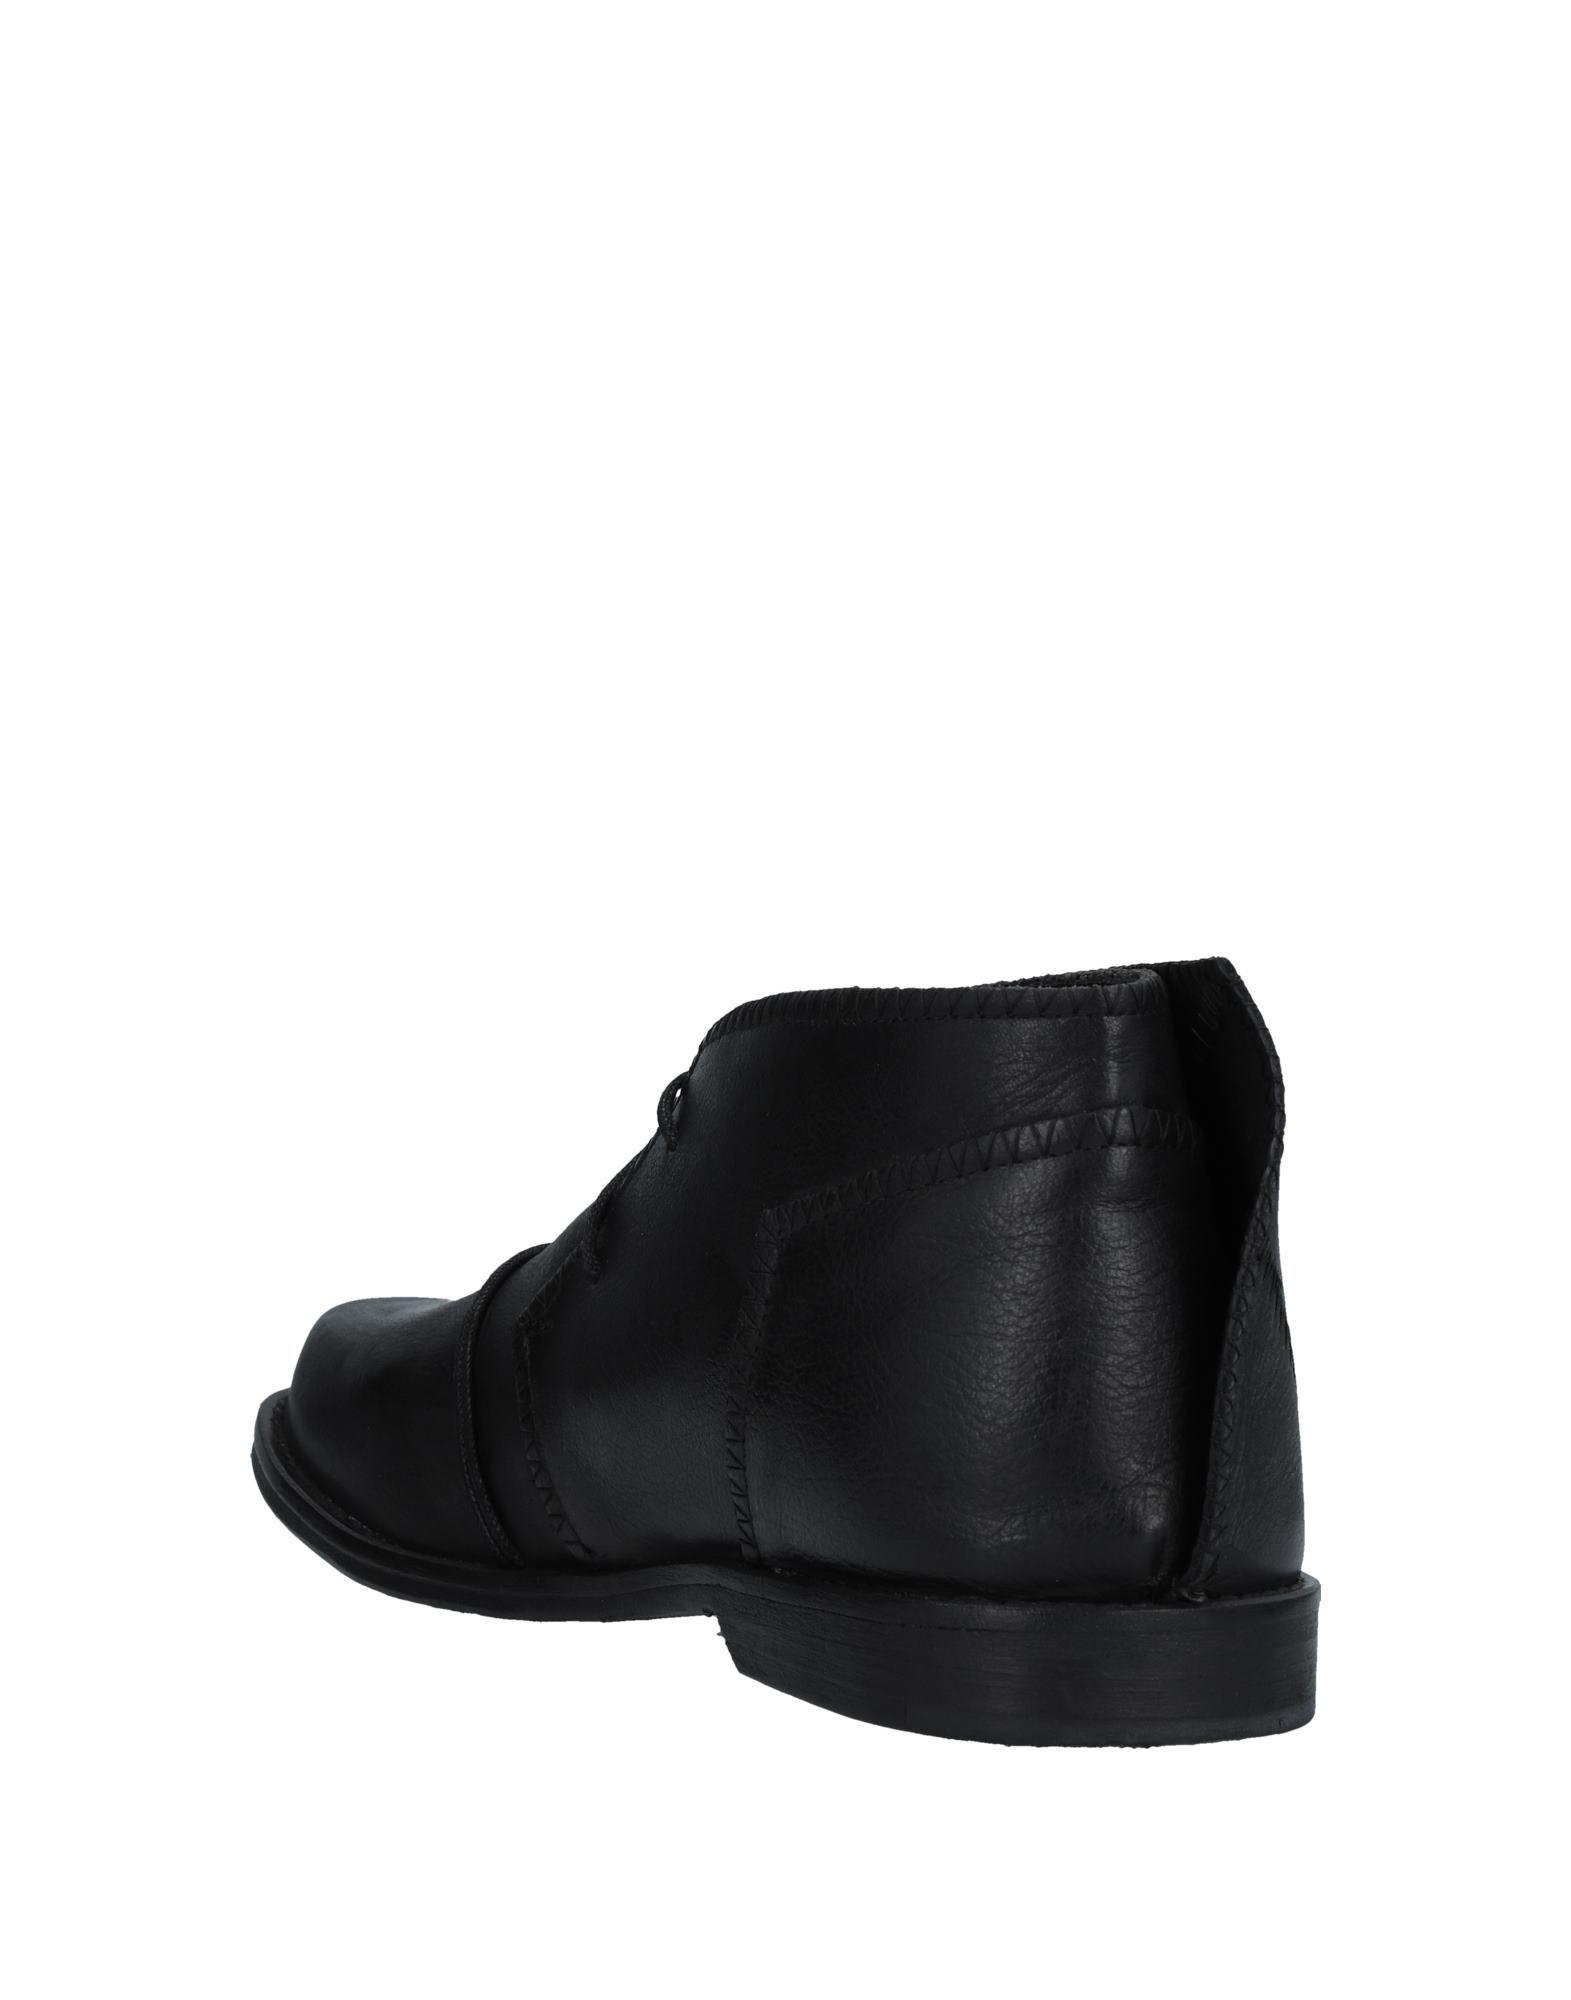 Peter Non Stiefelette Herren  11509196SO 11509196SO  Gute Qualität beliebte Schuhe 6267b3